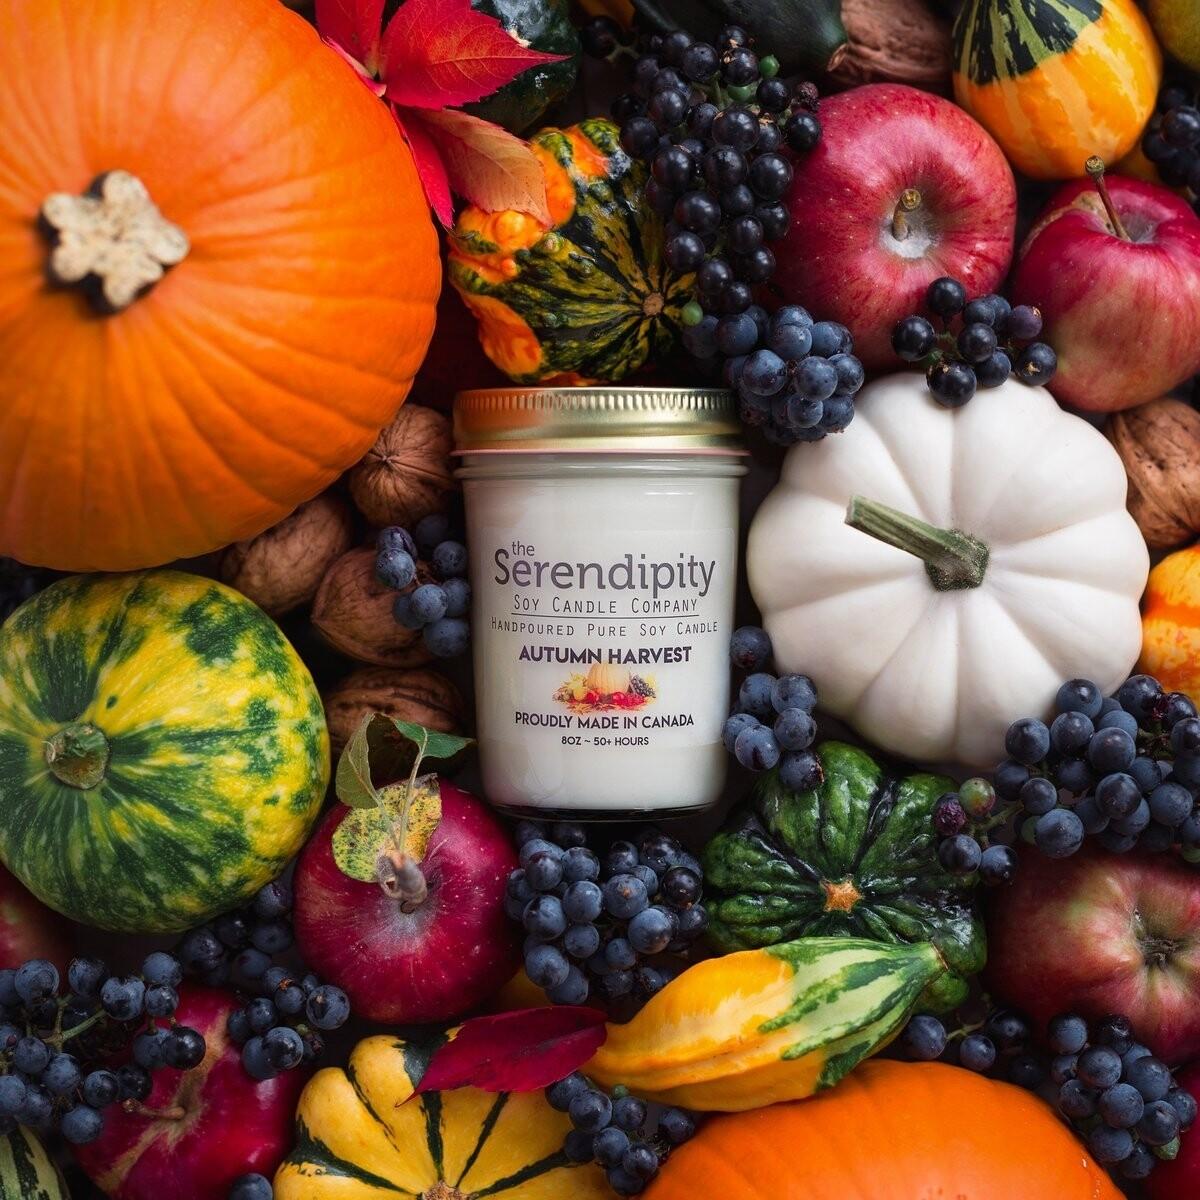 Serendipity 8 oz Soy Candle Jar | Autumn Harvest